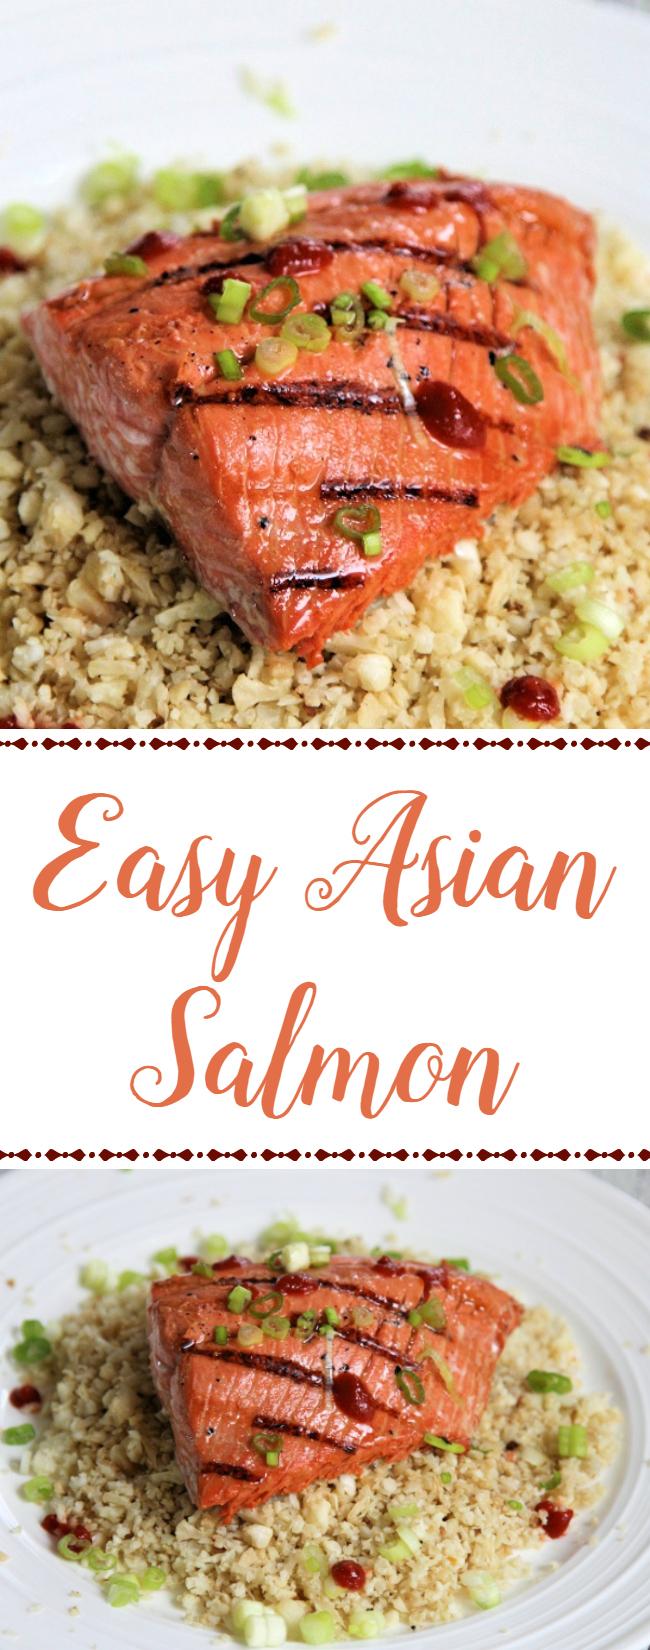 Easy Asian Salmon